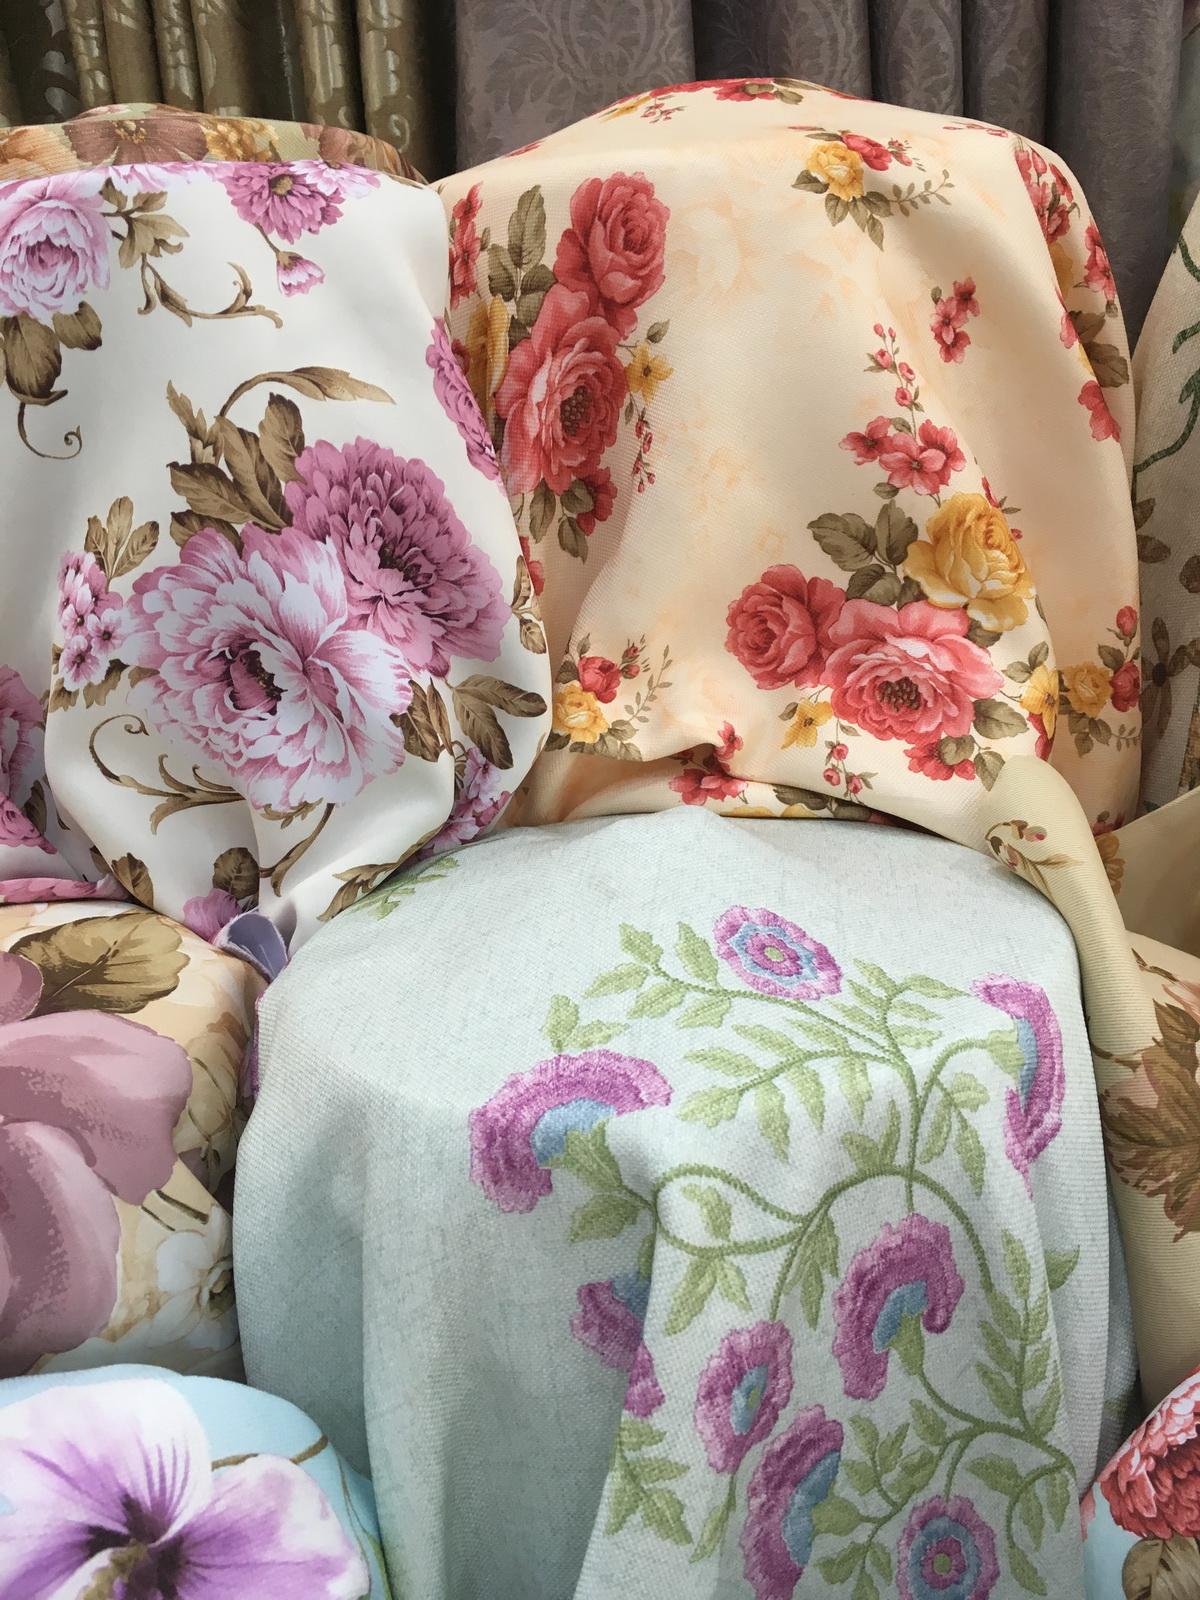 ผ้าม่านกันUV แบบลายทอดอกไม้แนววินเทจ